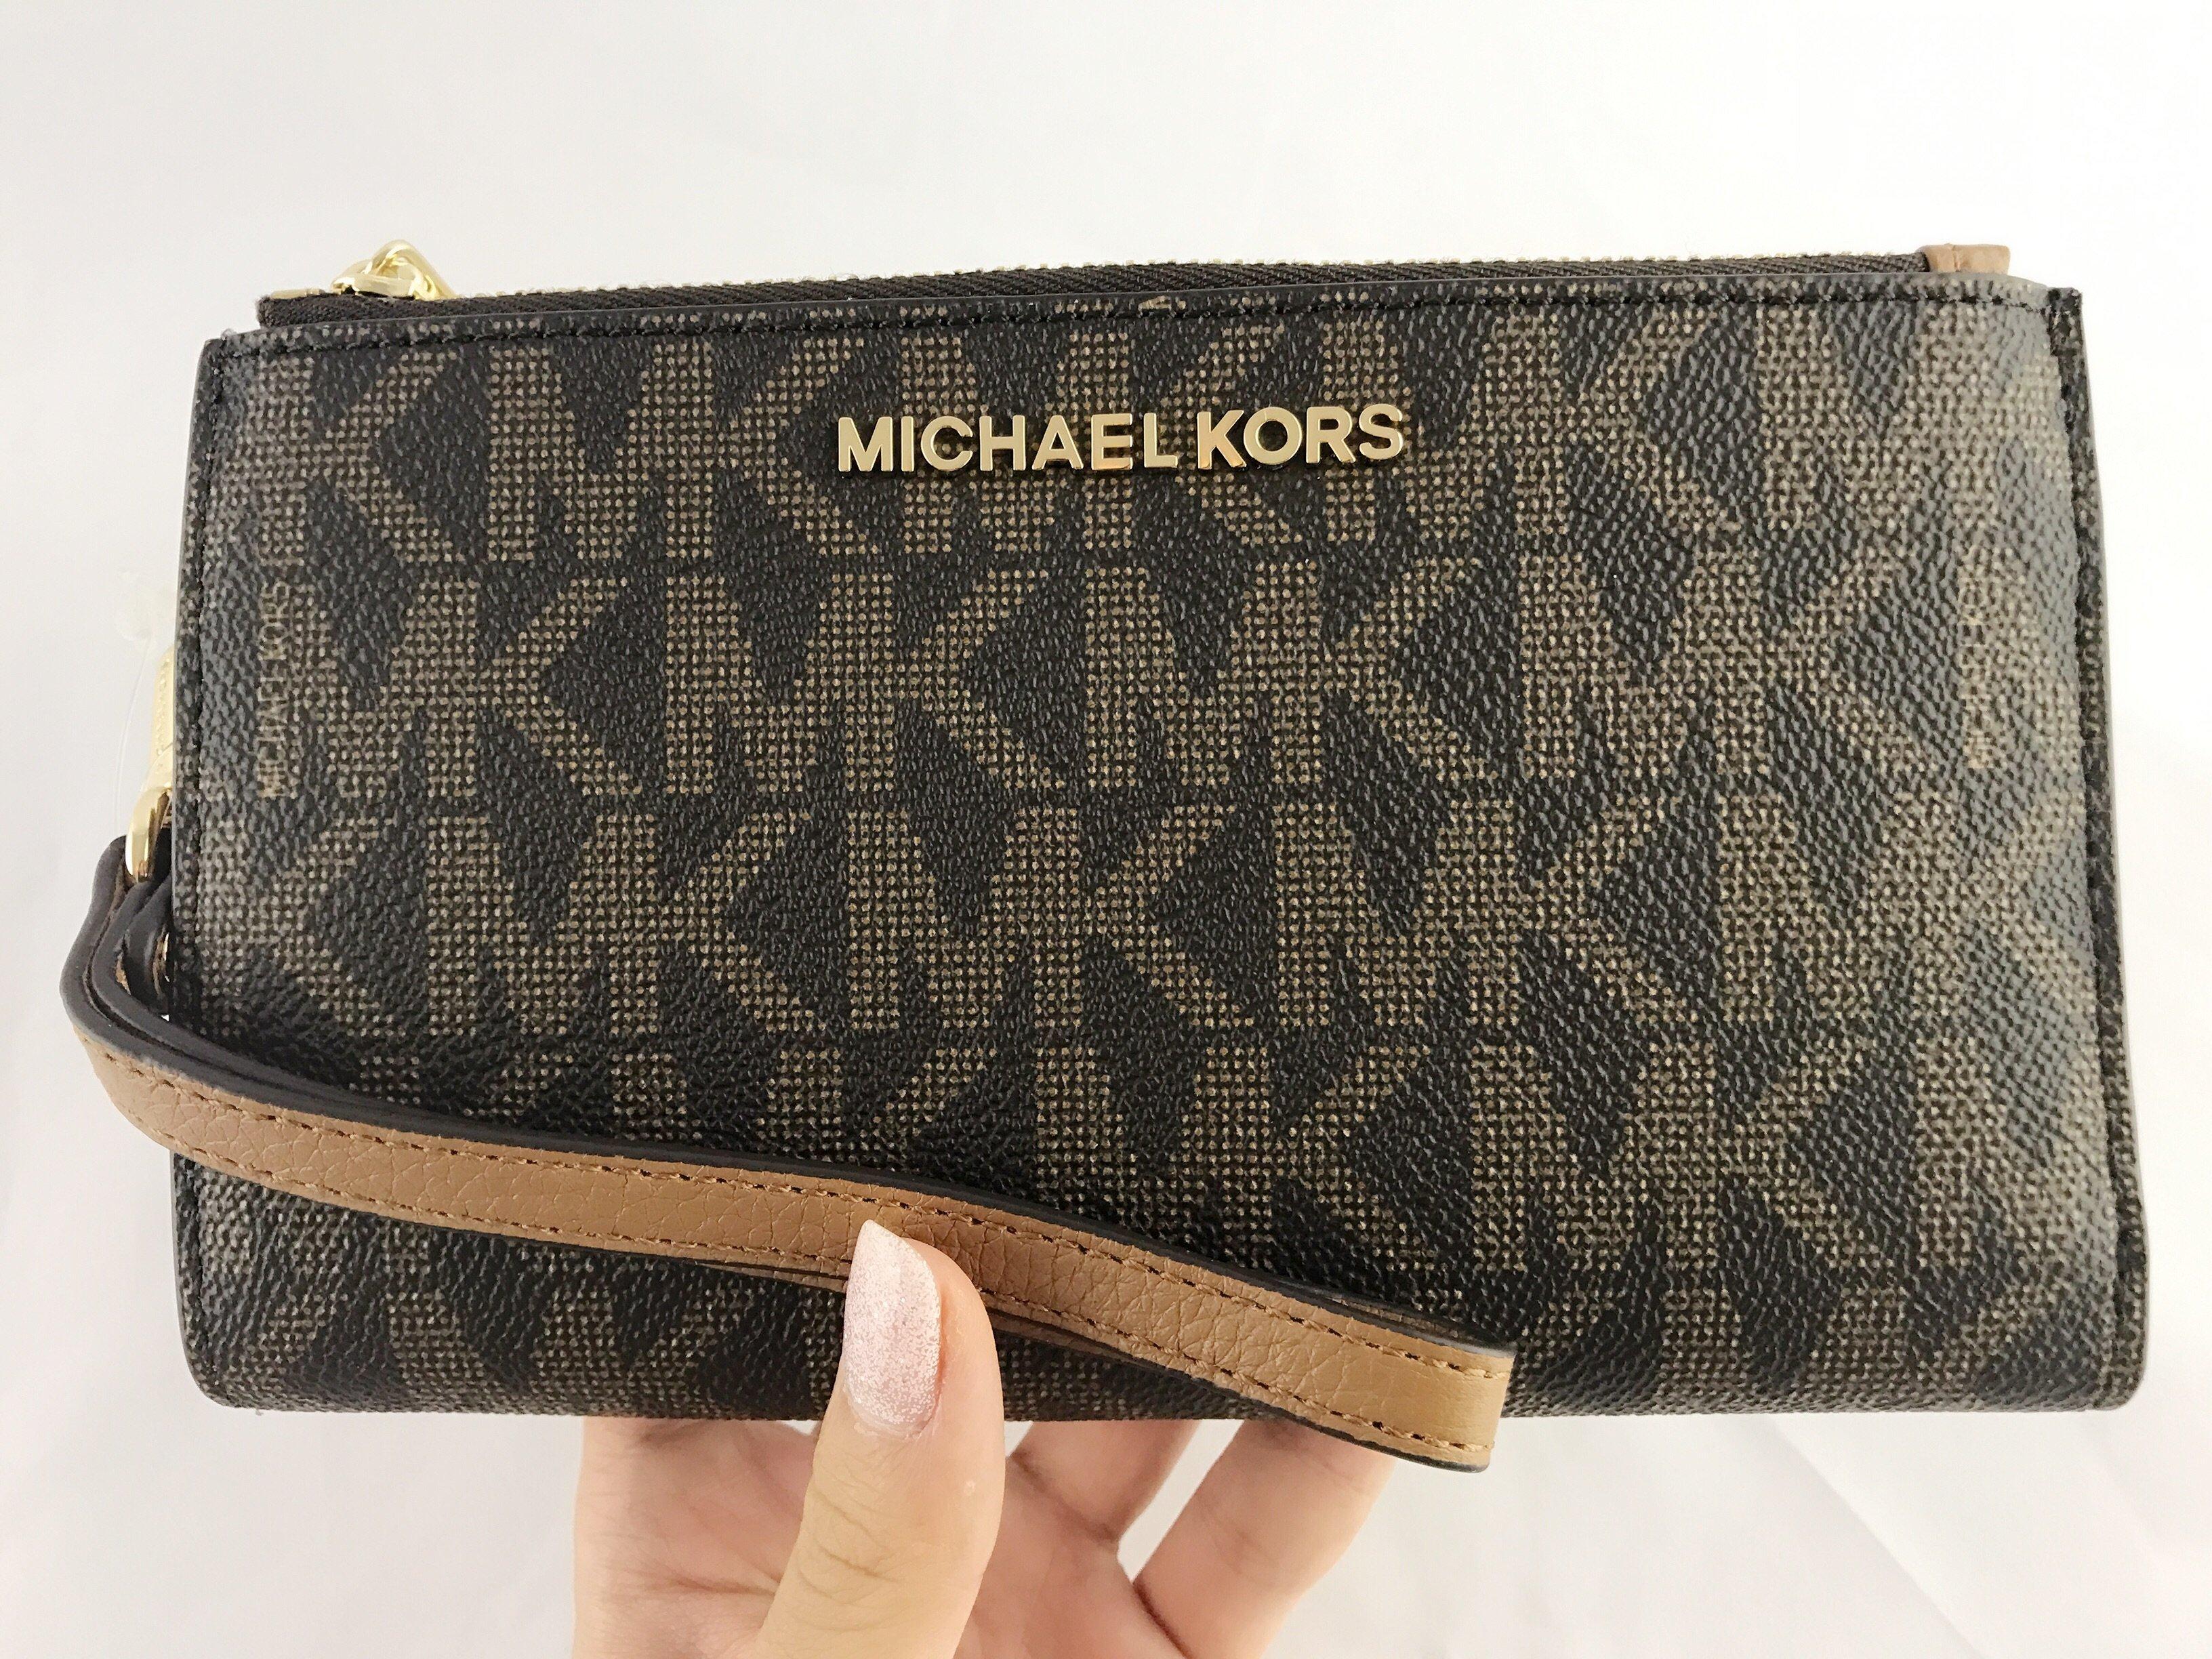 ca555c75a0de Michael Kors Bags Australia Ebay | Stanford Center for Opportunity ...